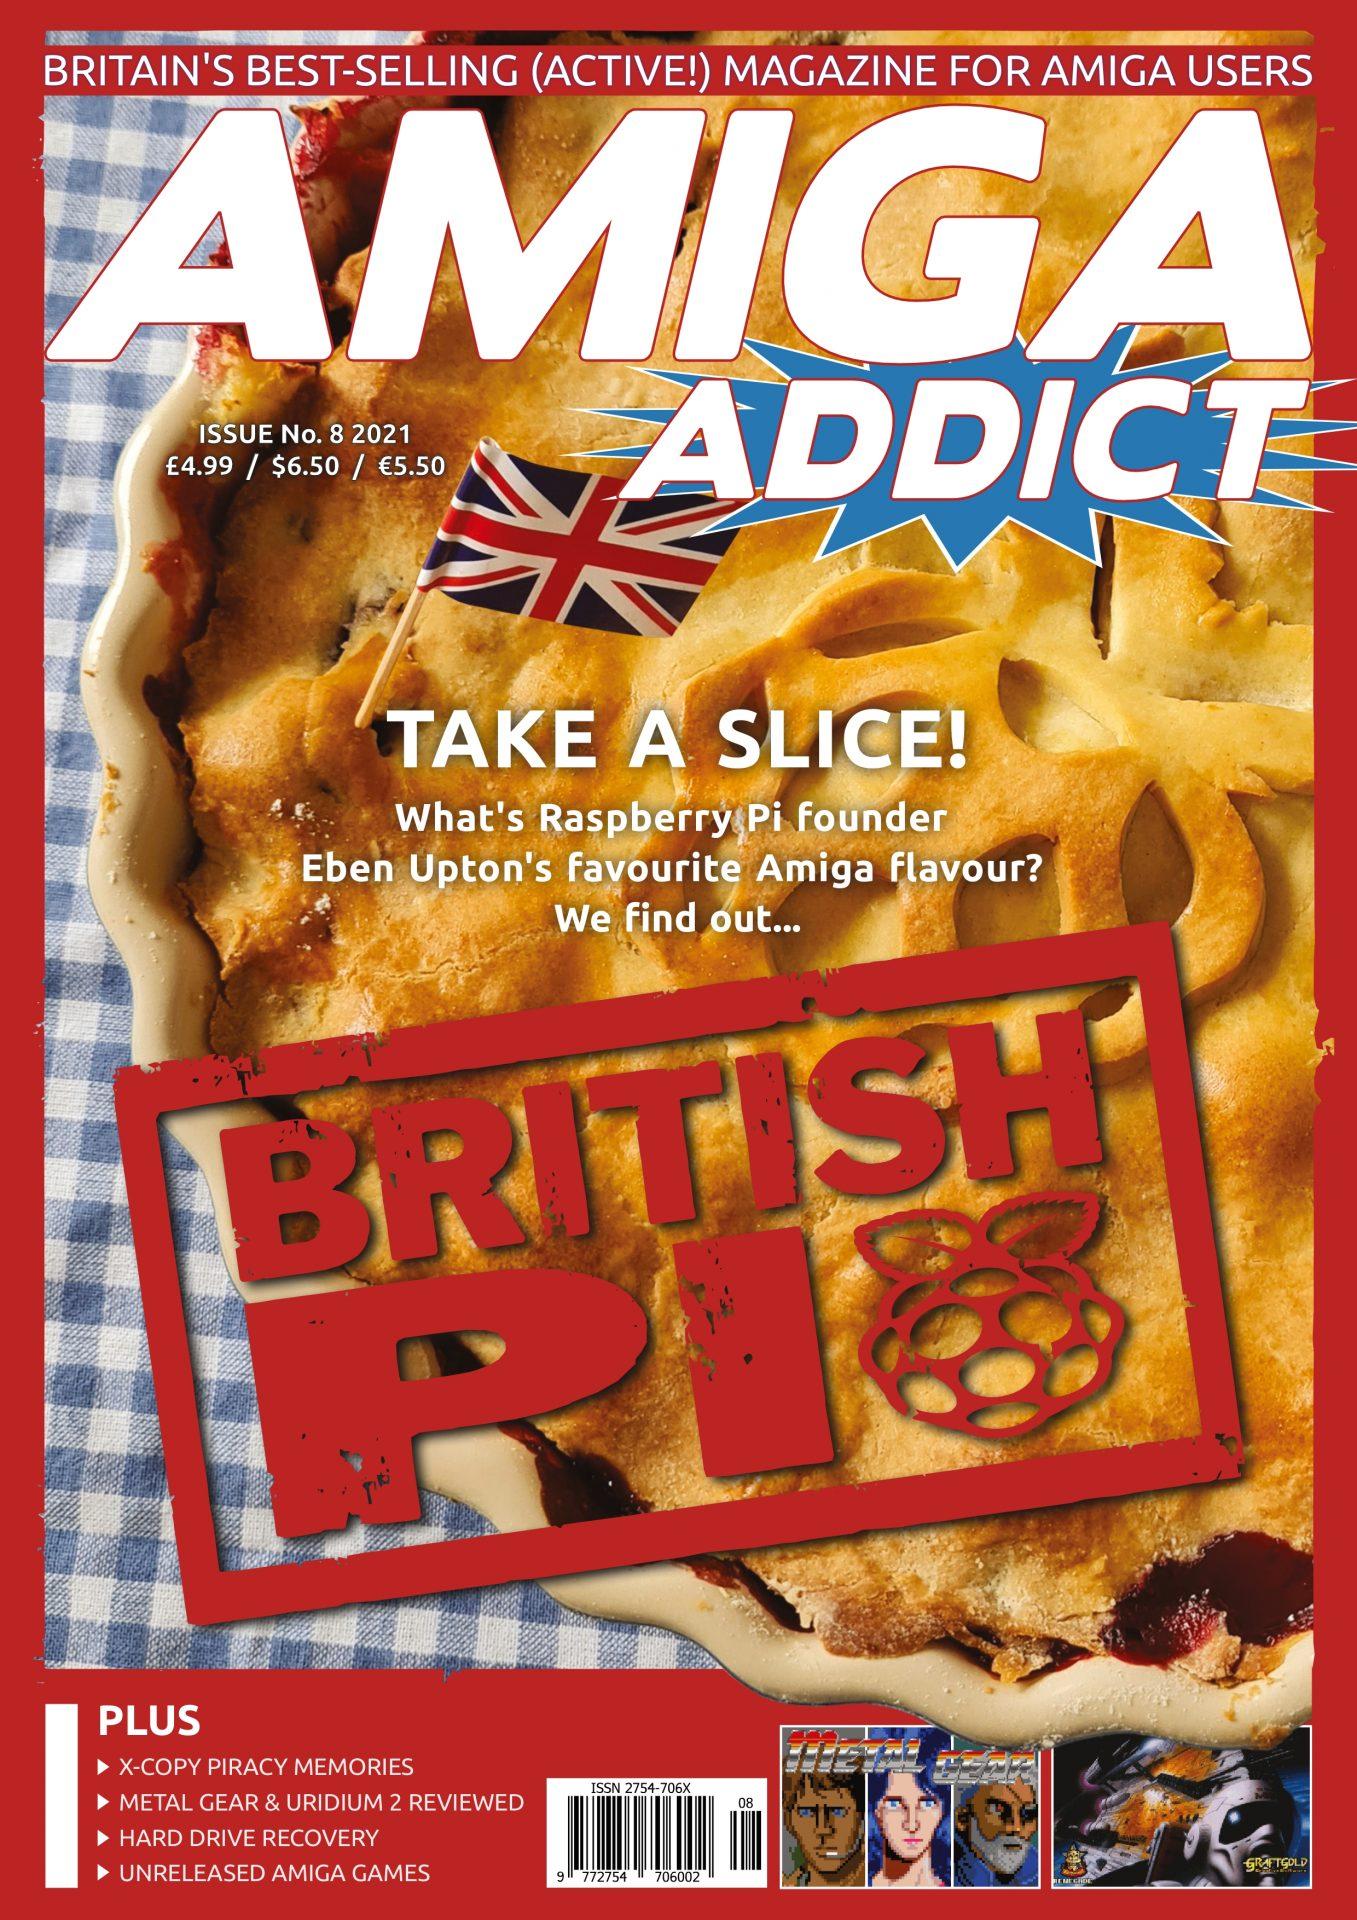 Issue 8 Amiga Addict magazine